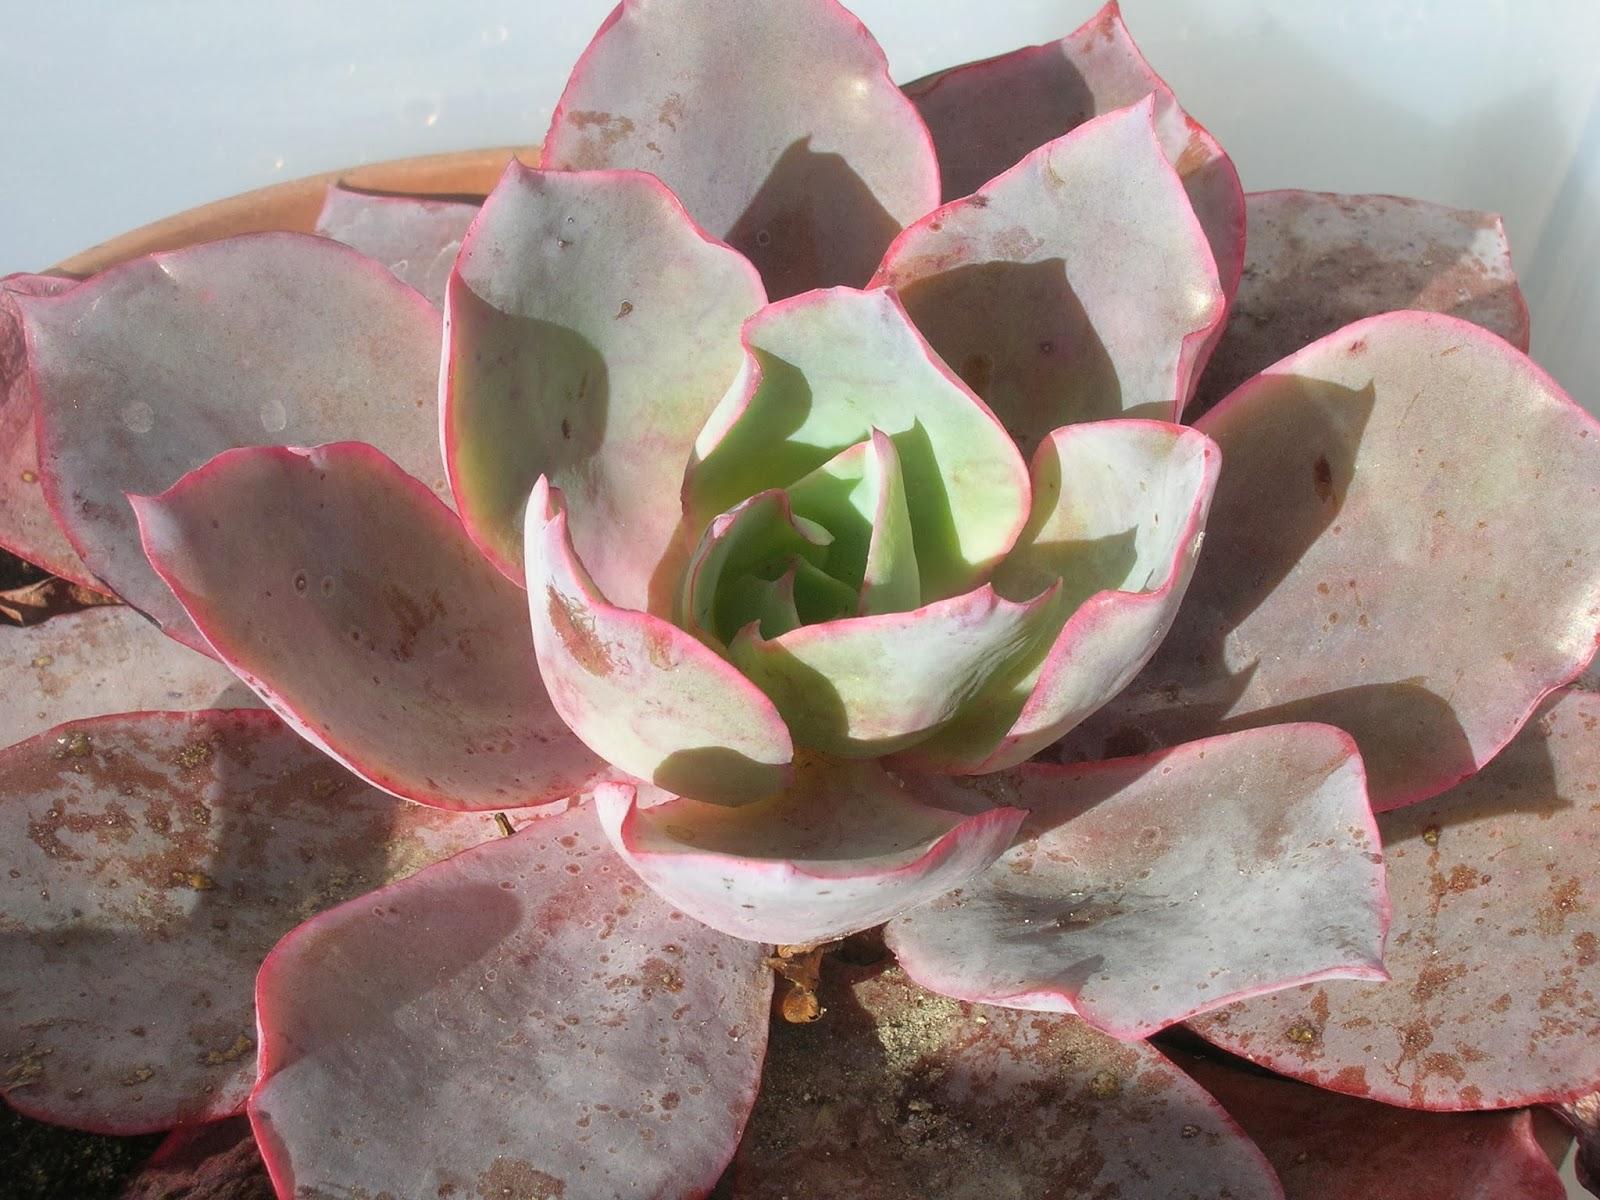 Plantes grasses et succulentes 34 collectionneur - Plantes grasses succulentes ...